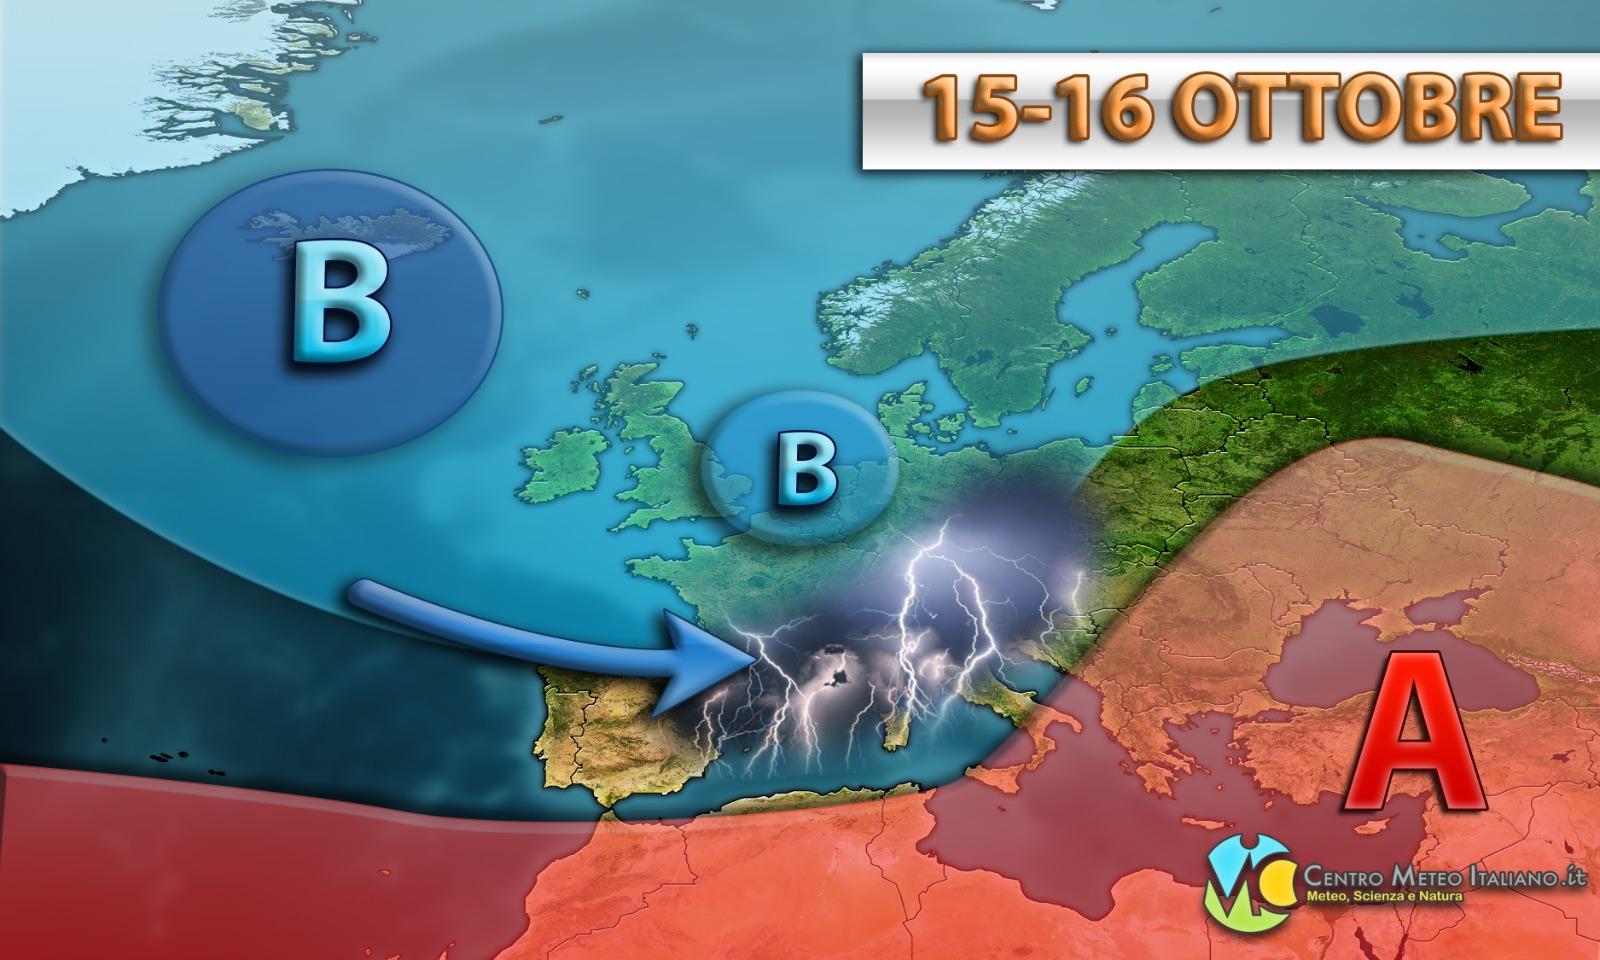 Maltempo in Italia a partire dalla prossima settimana, secondo il modello GFS.